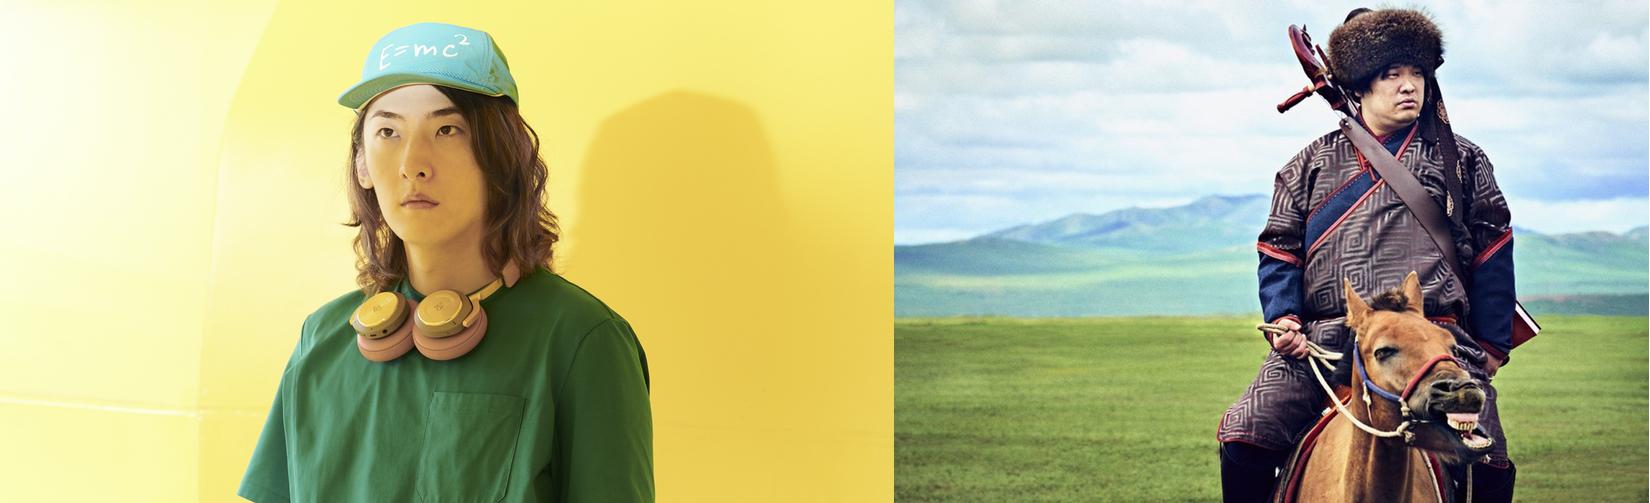 (左)ビッケブランカ (右)岡崎体育